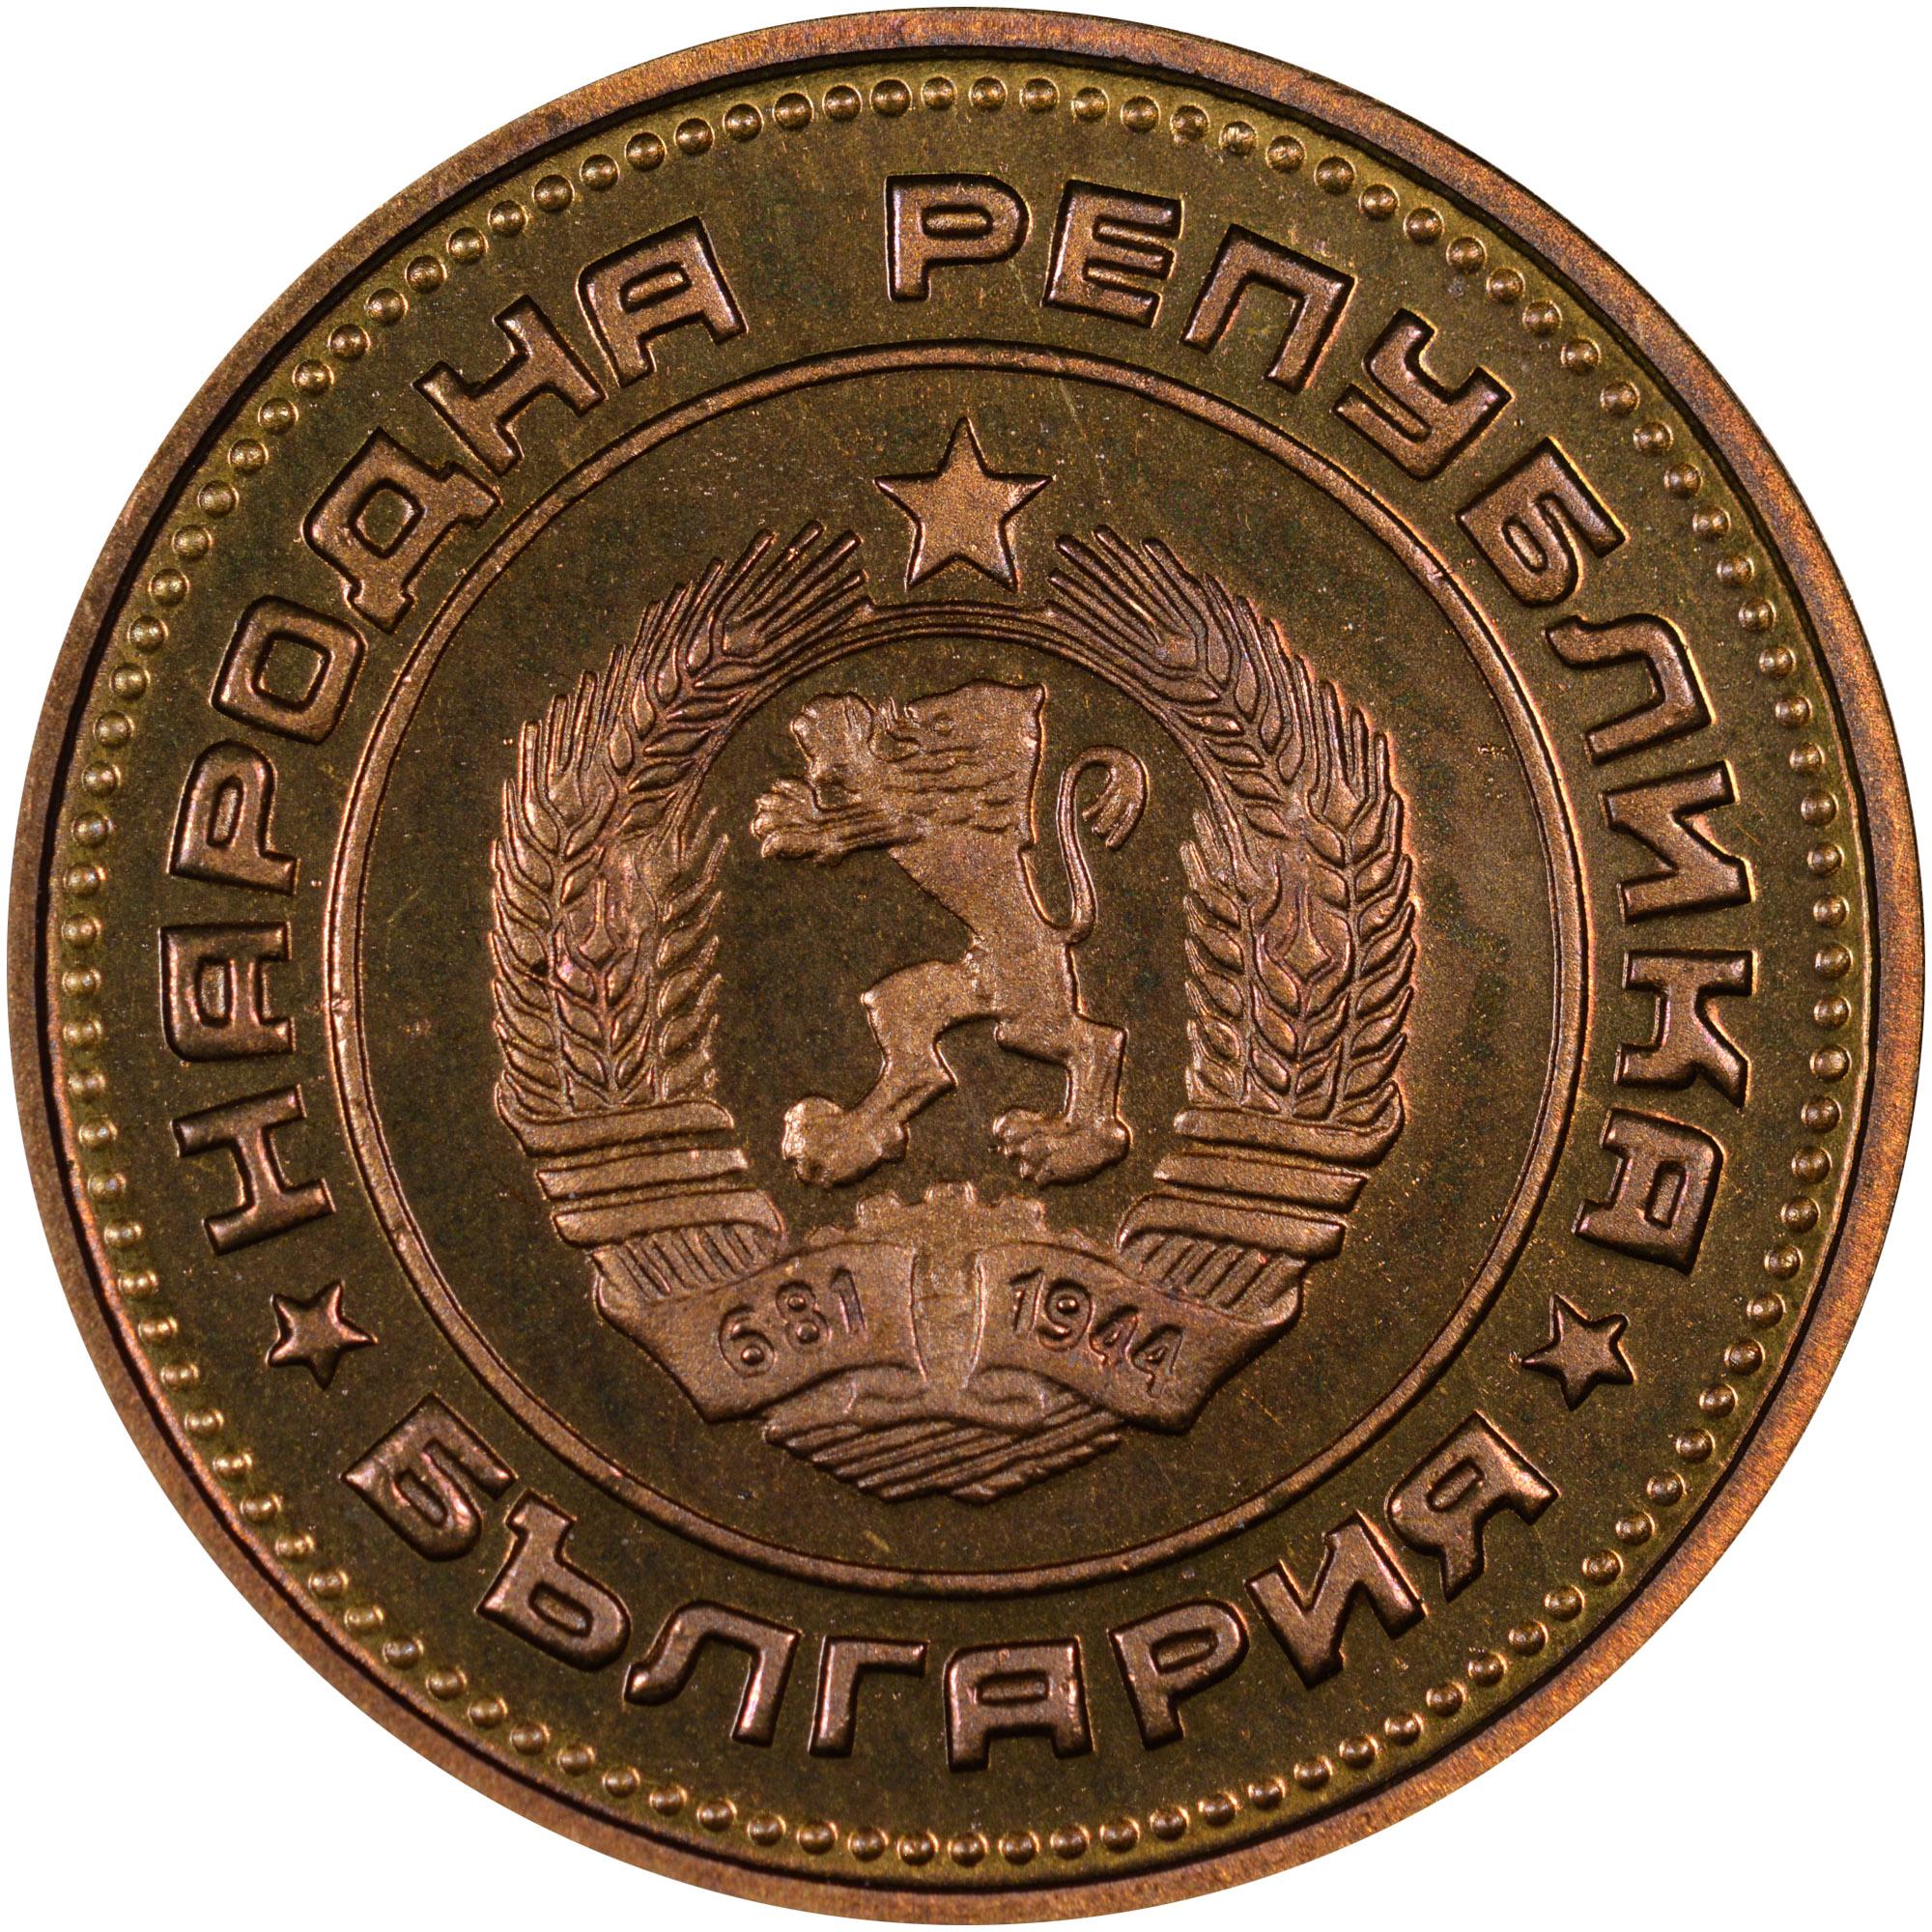 1974-1990 Bulgaria 2 Stotinki obverse